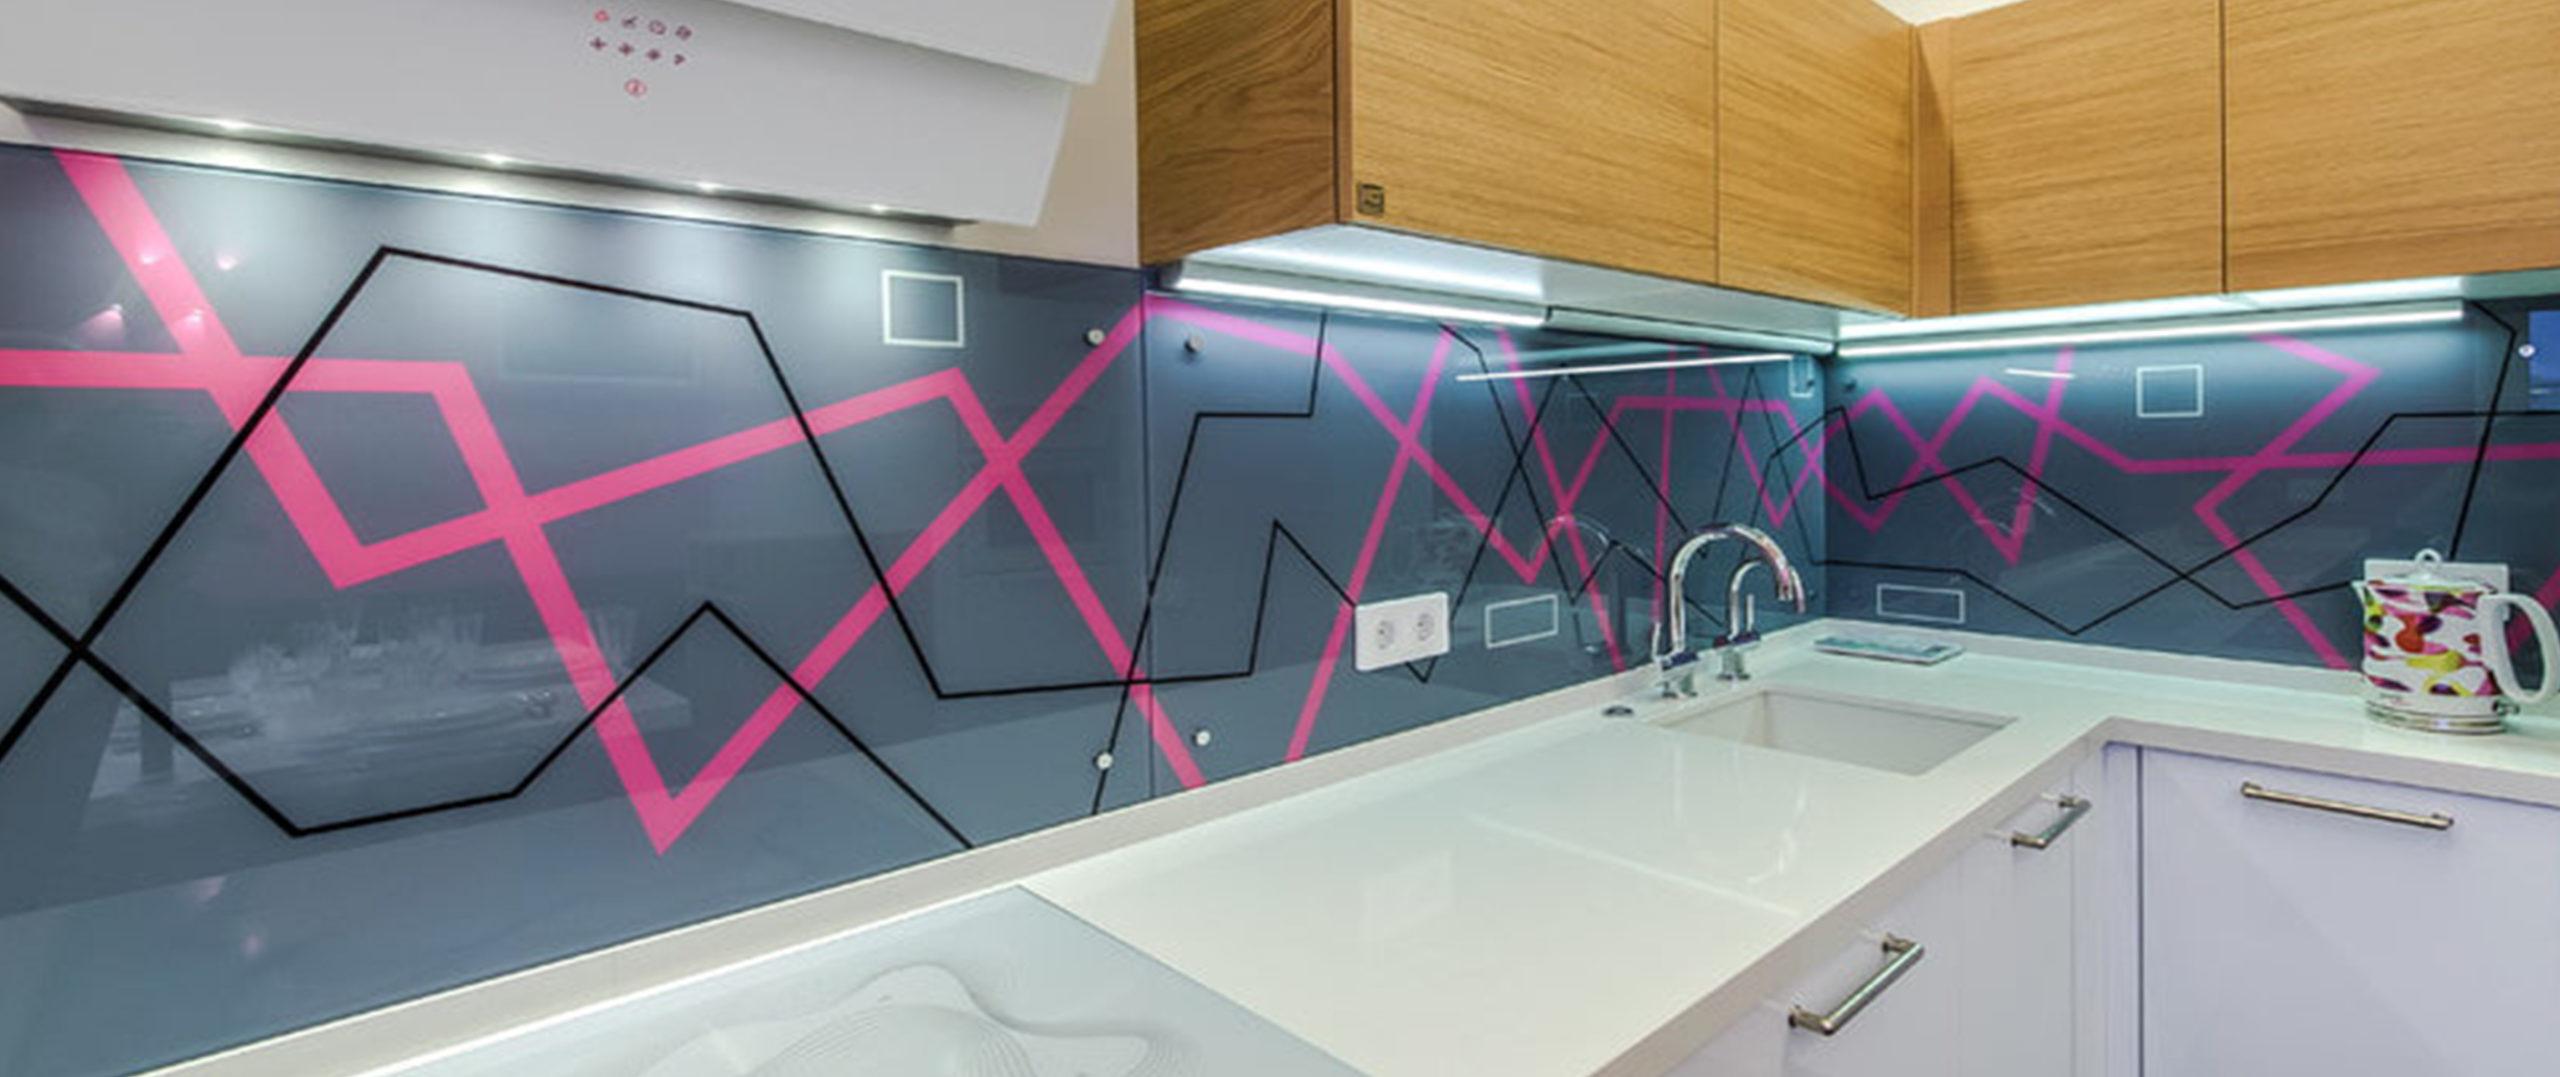 Кухонный фартук — Абстракции и граффити